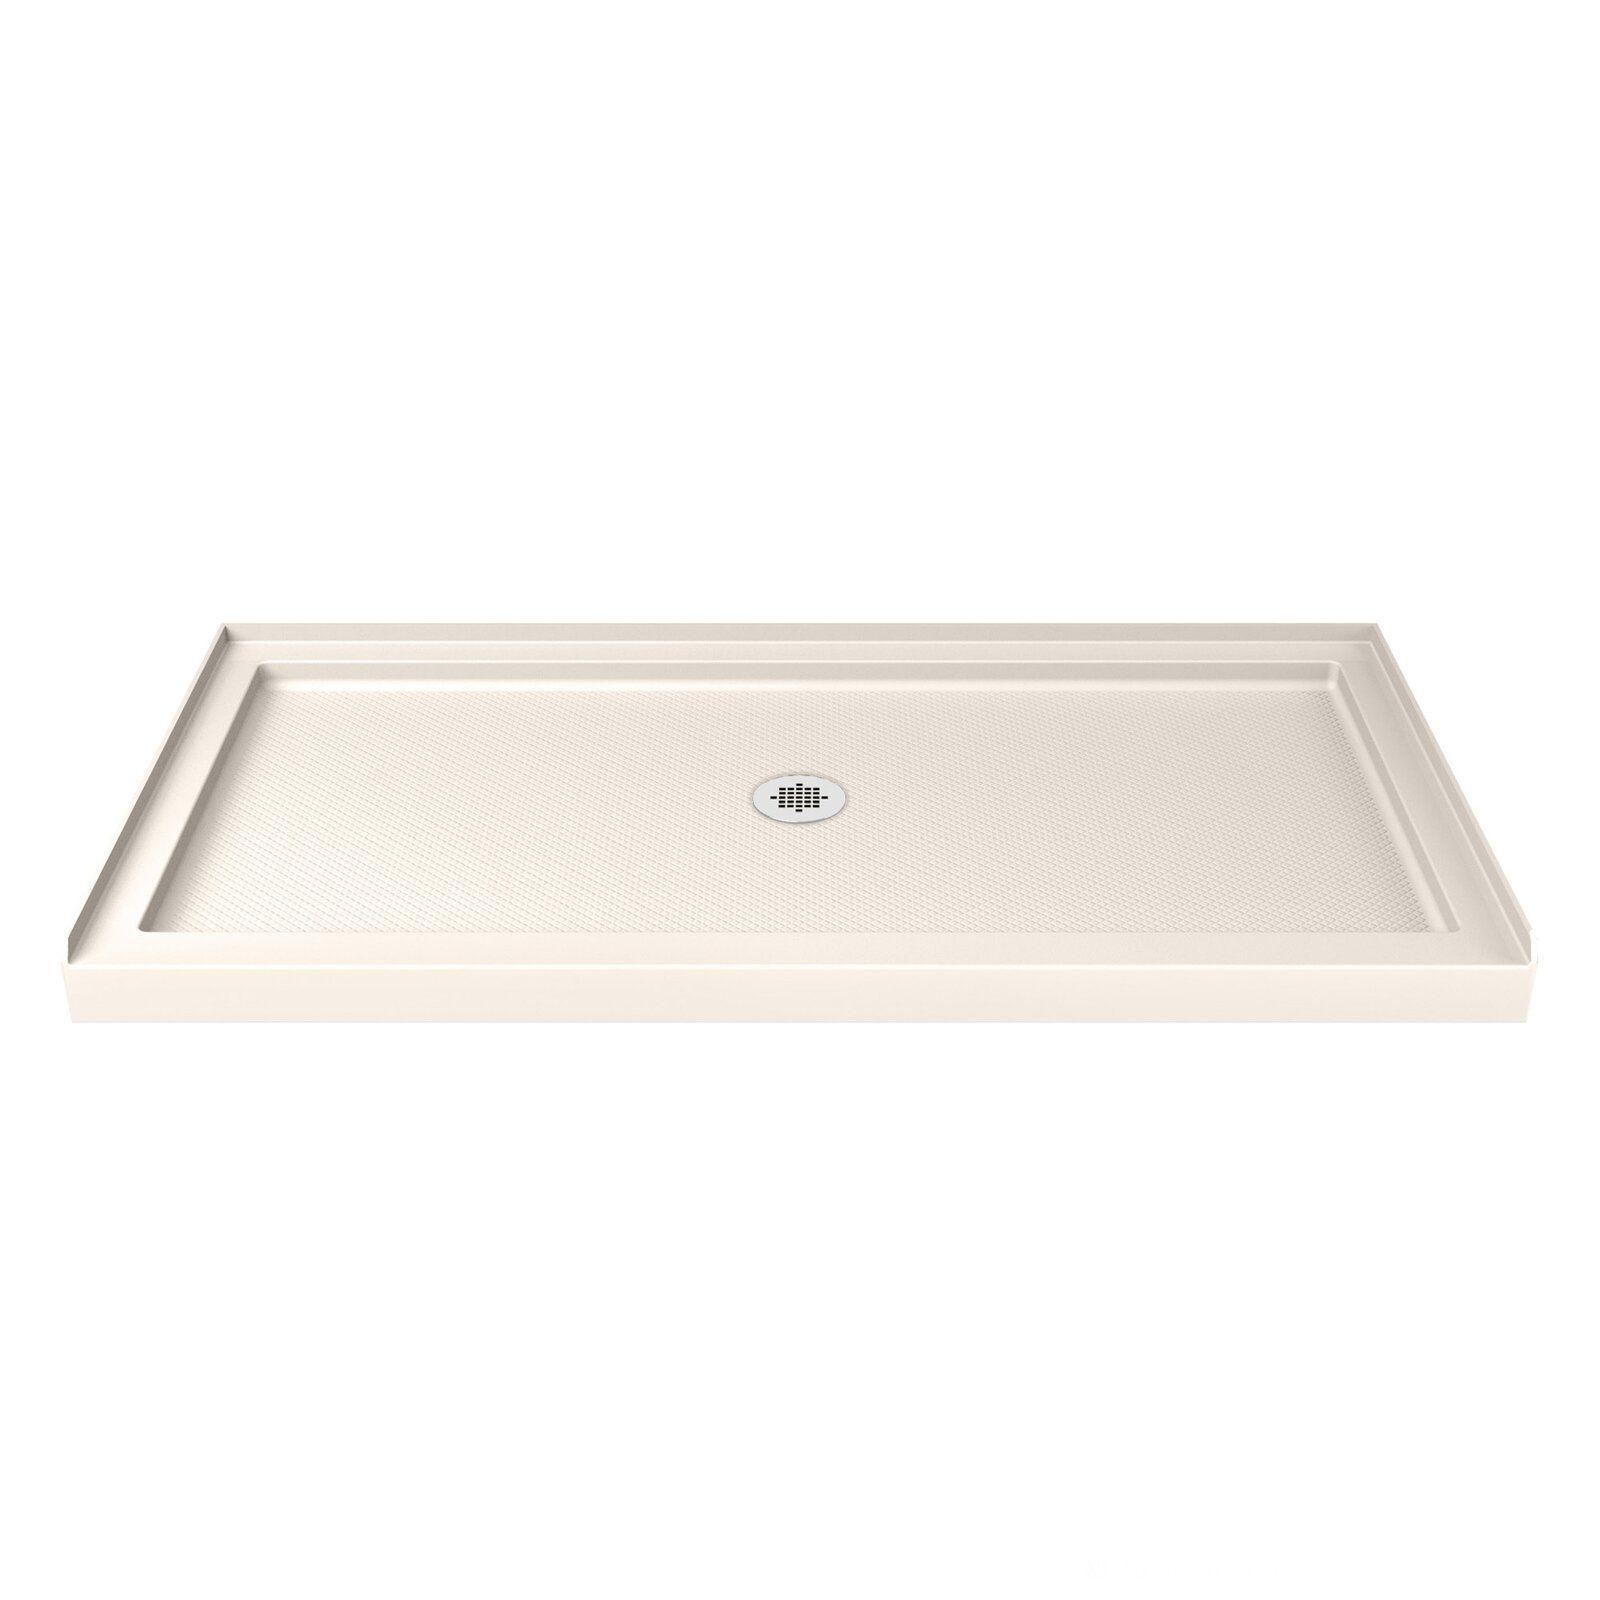 Slimline 60 X 34 Single Threshold Shower Base With Images